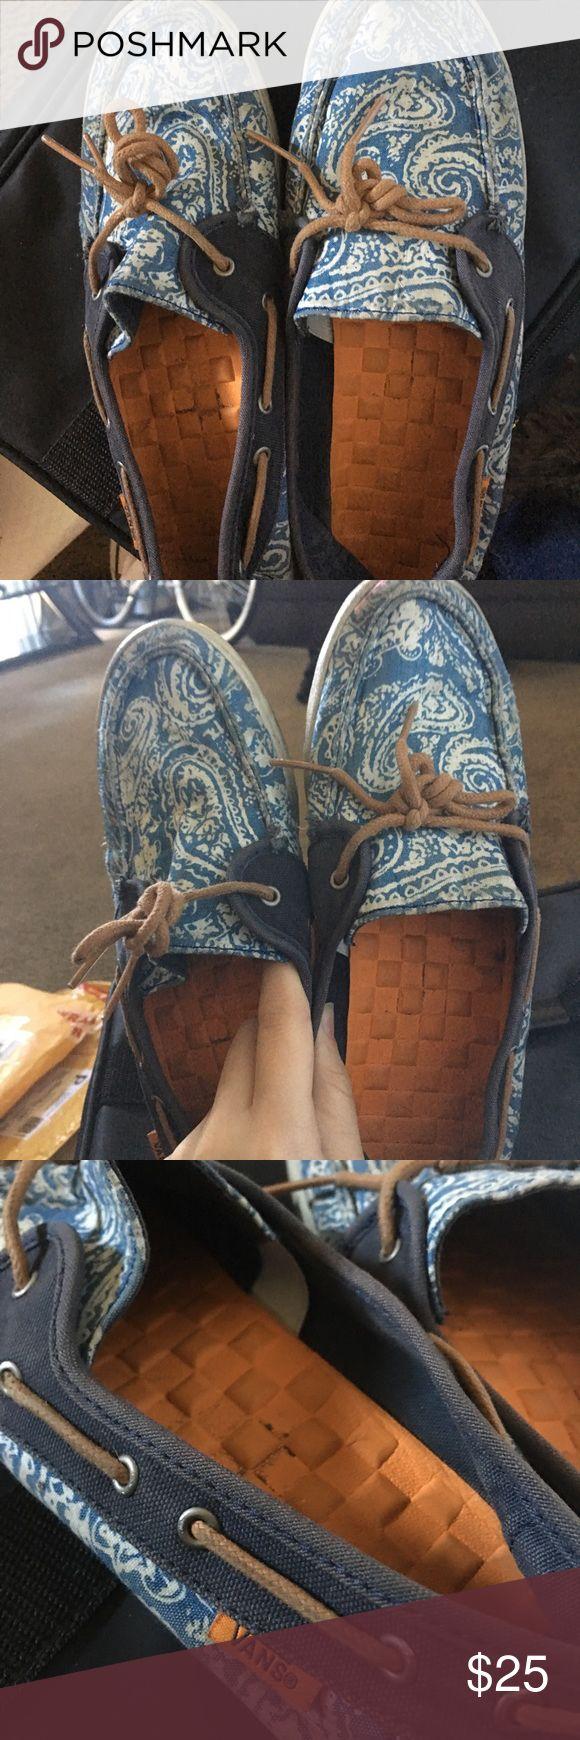 VANS Boat Shoe Style Rare Paisley print boat shoe Authentic Vans Vans Shoes Sneakers